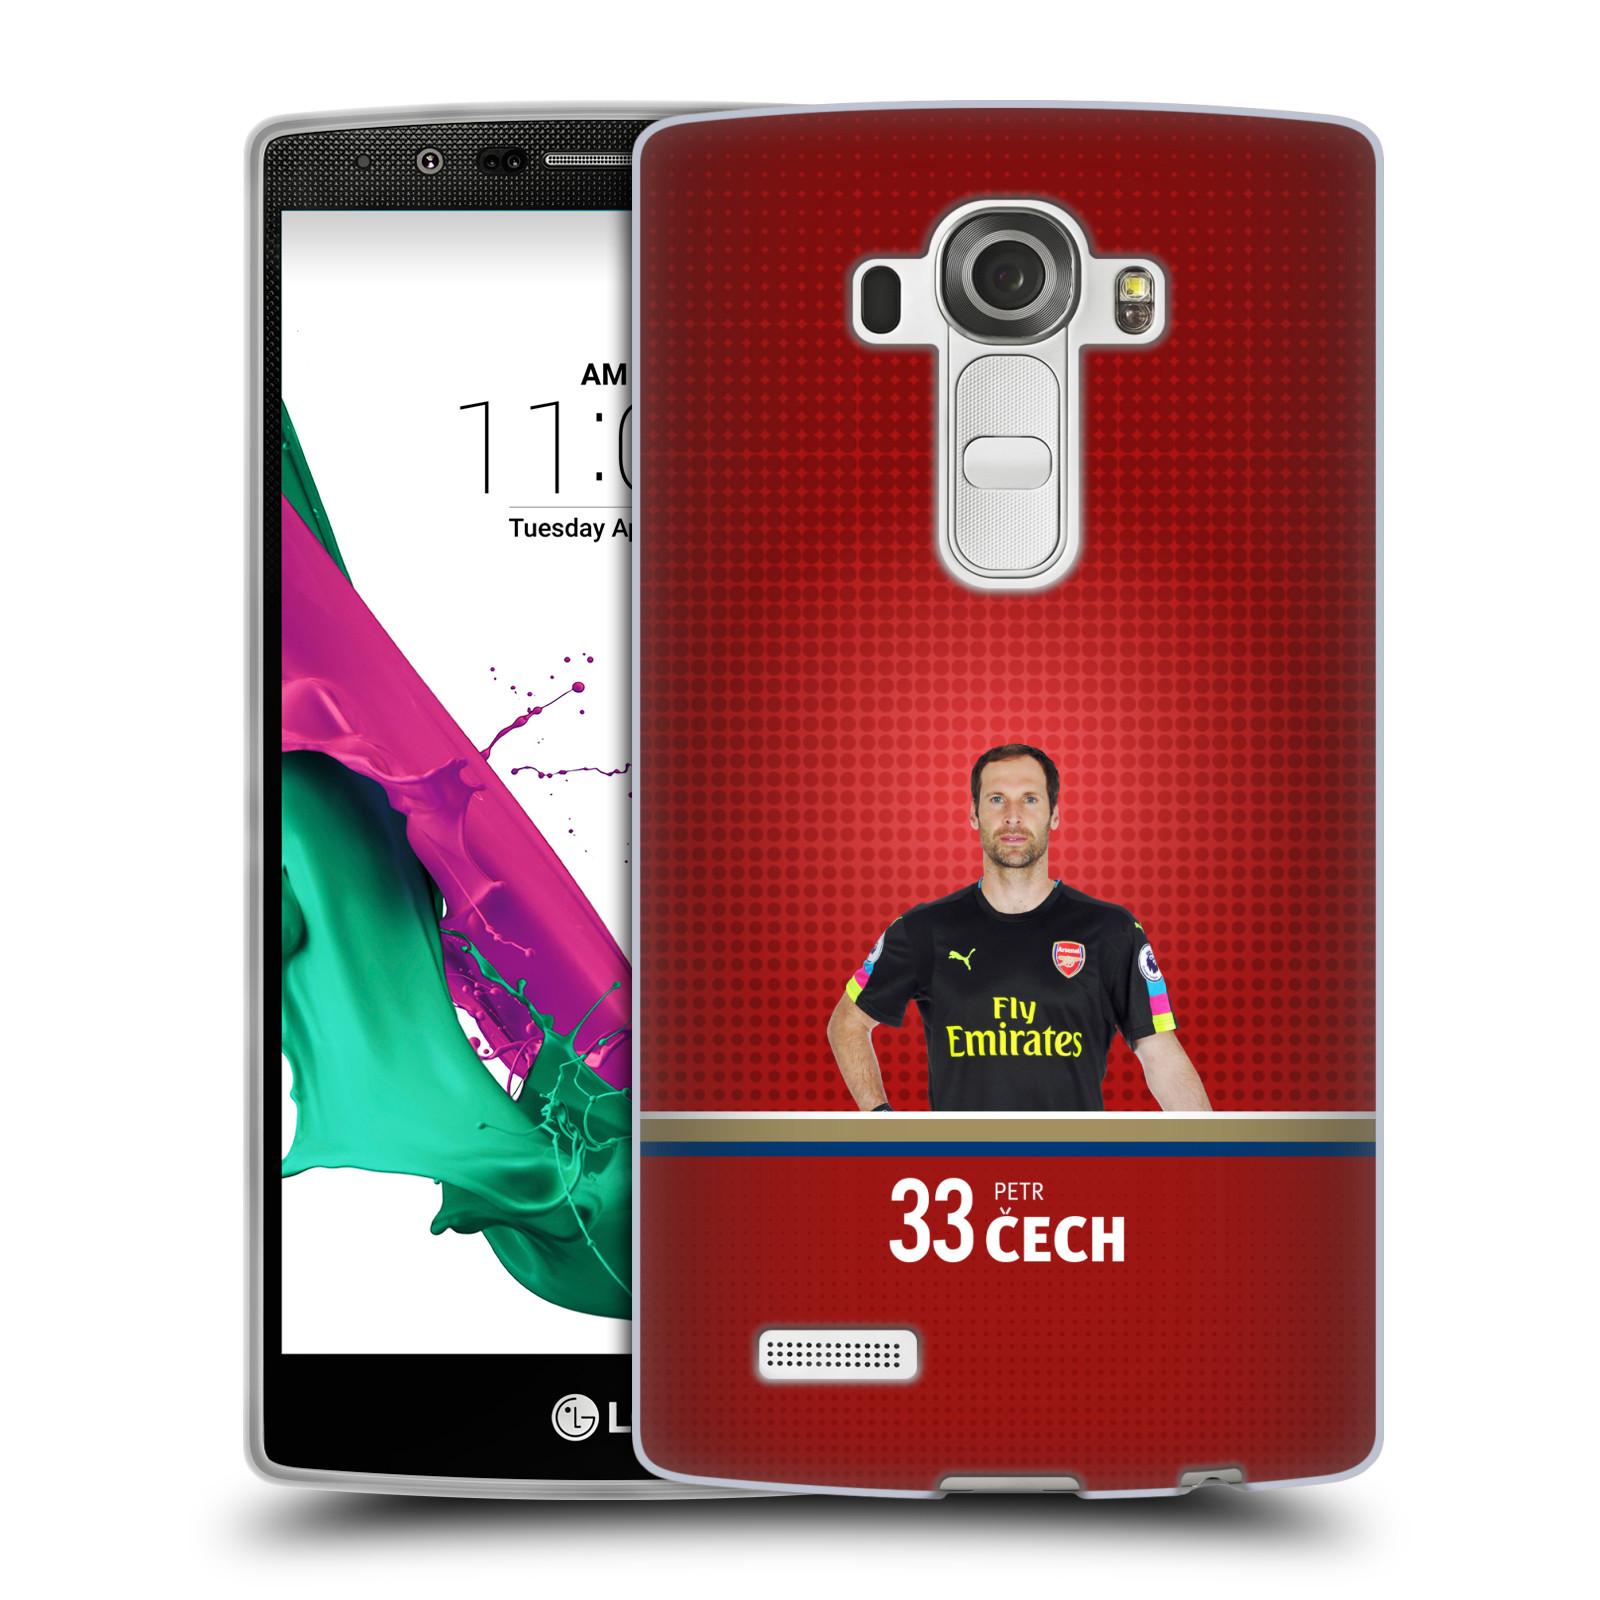 Silikonové pouzdro na mobil LG G4 - Head Case - Arsenal FC - Petr Čech